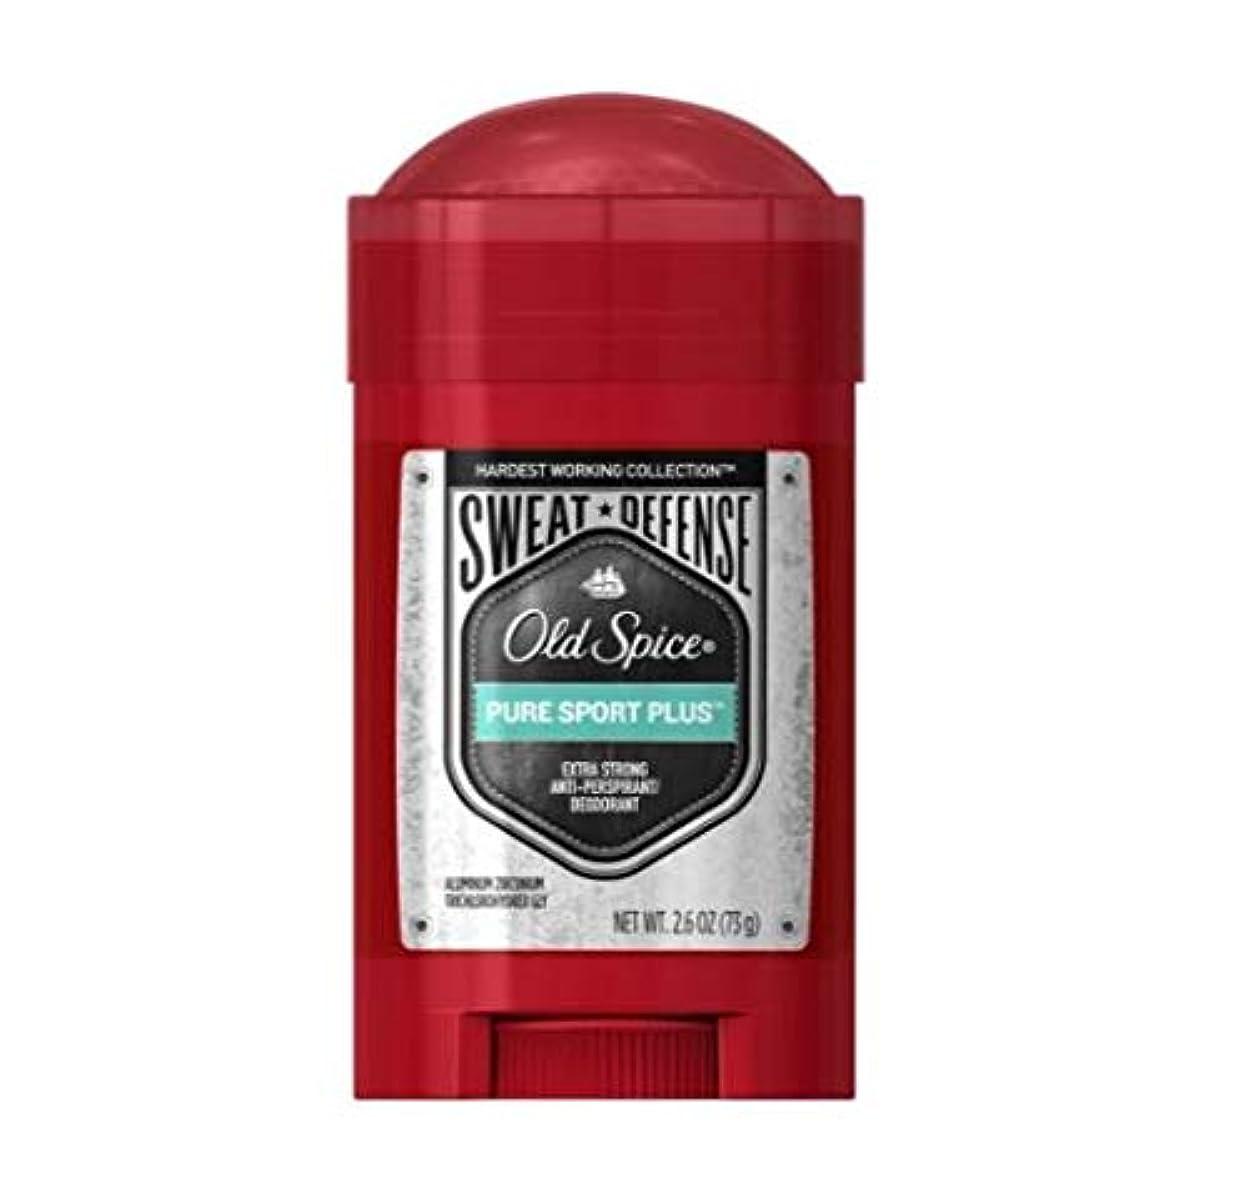 ラベンダー毛皮住居Old Spice Hardest Working Collection Antiperspirant Deodorant for Men Pure Sport Plus - 2.6oz オールドスパイス ハーデスト ワーキング コレクション スウェット ディフェンス ピュアスポーツプラス デオドラント 73g [並行輸入品]